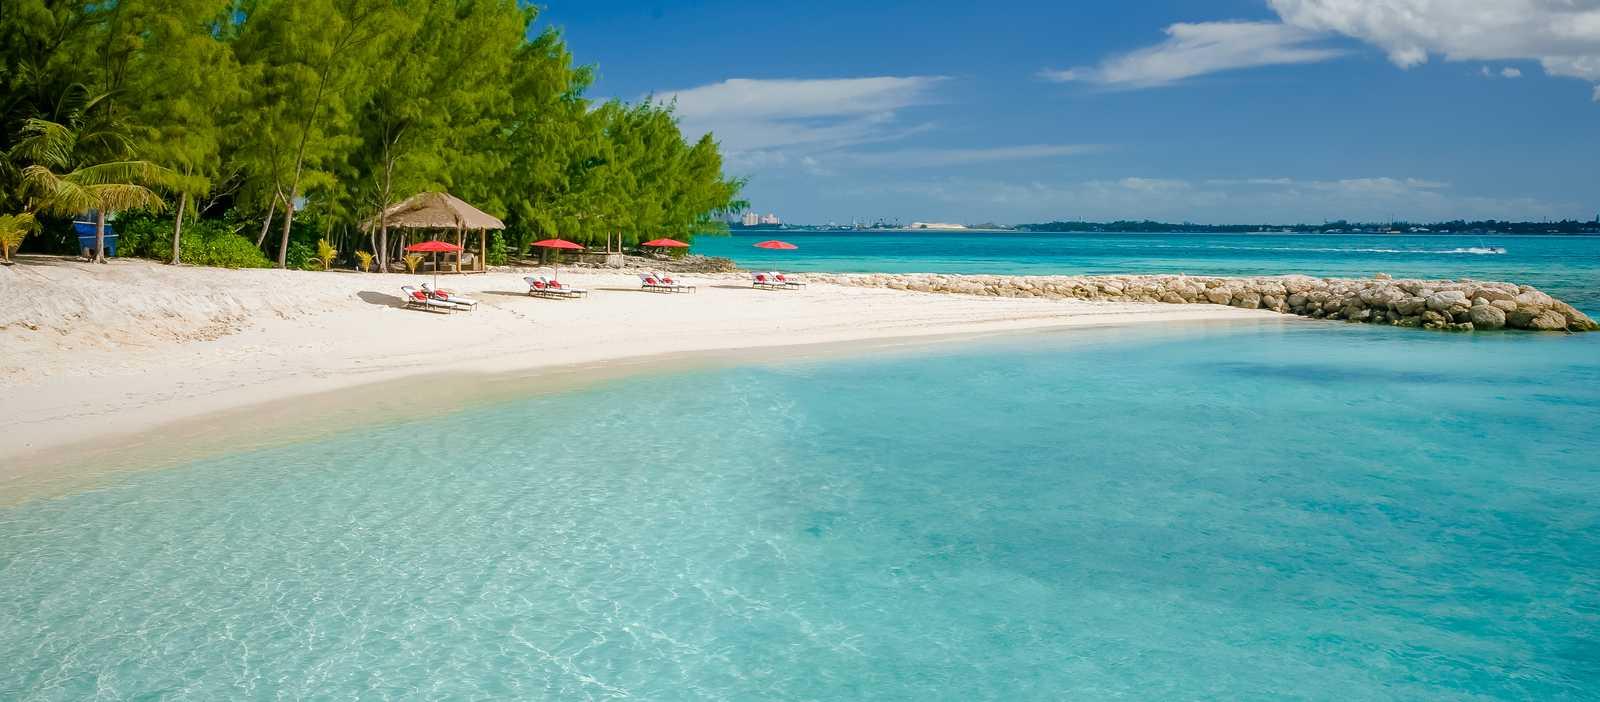 Der Long Beach vor dem Sandals Royal Bahamian auf Nassau